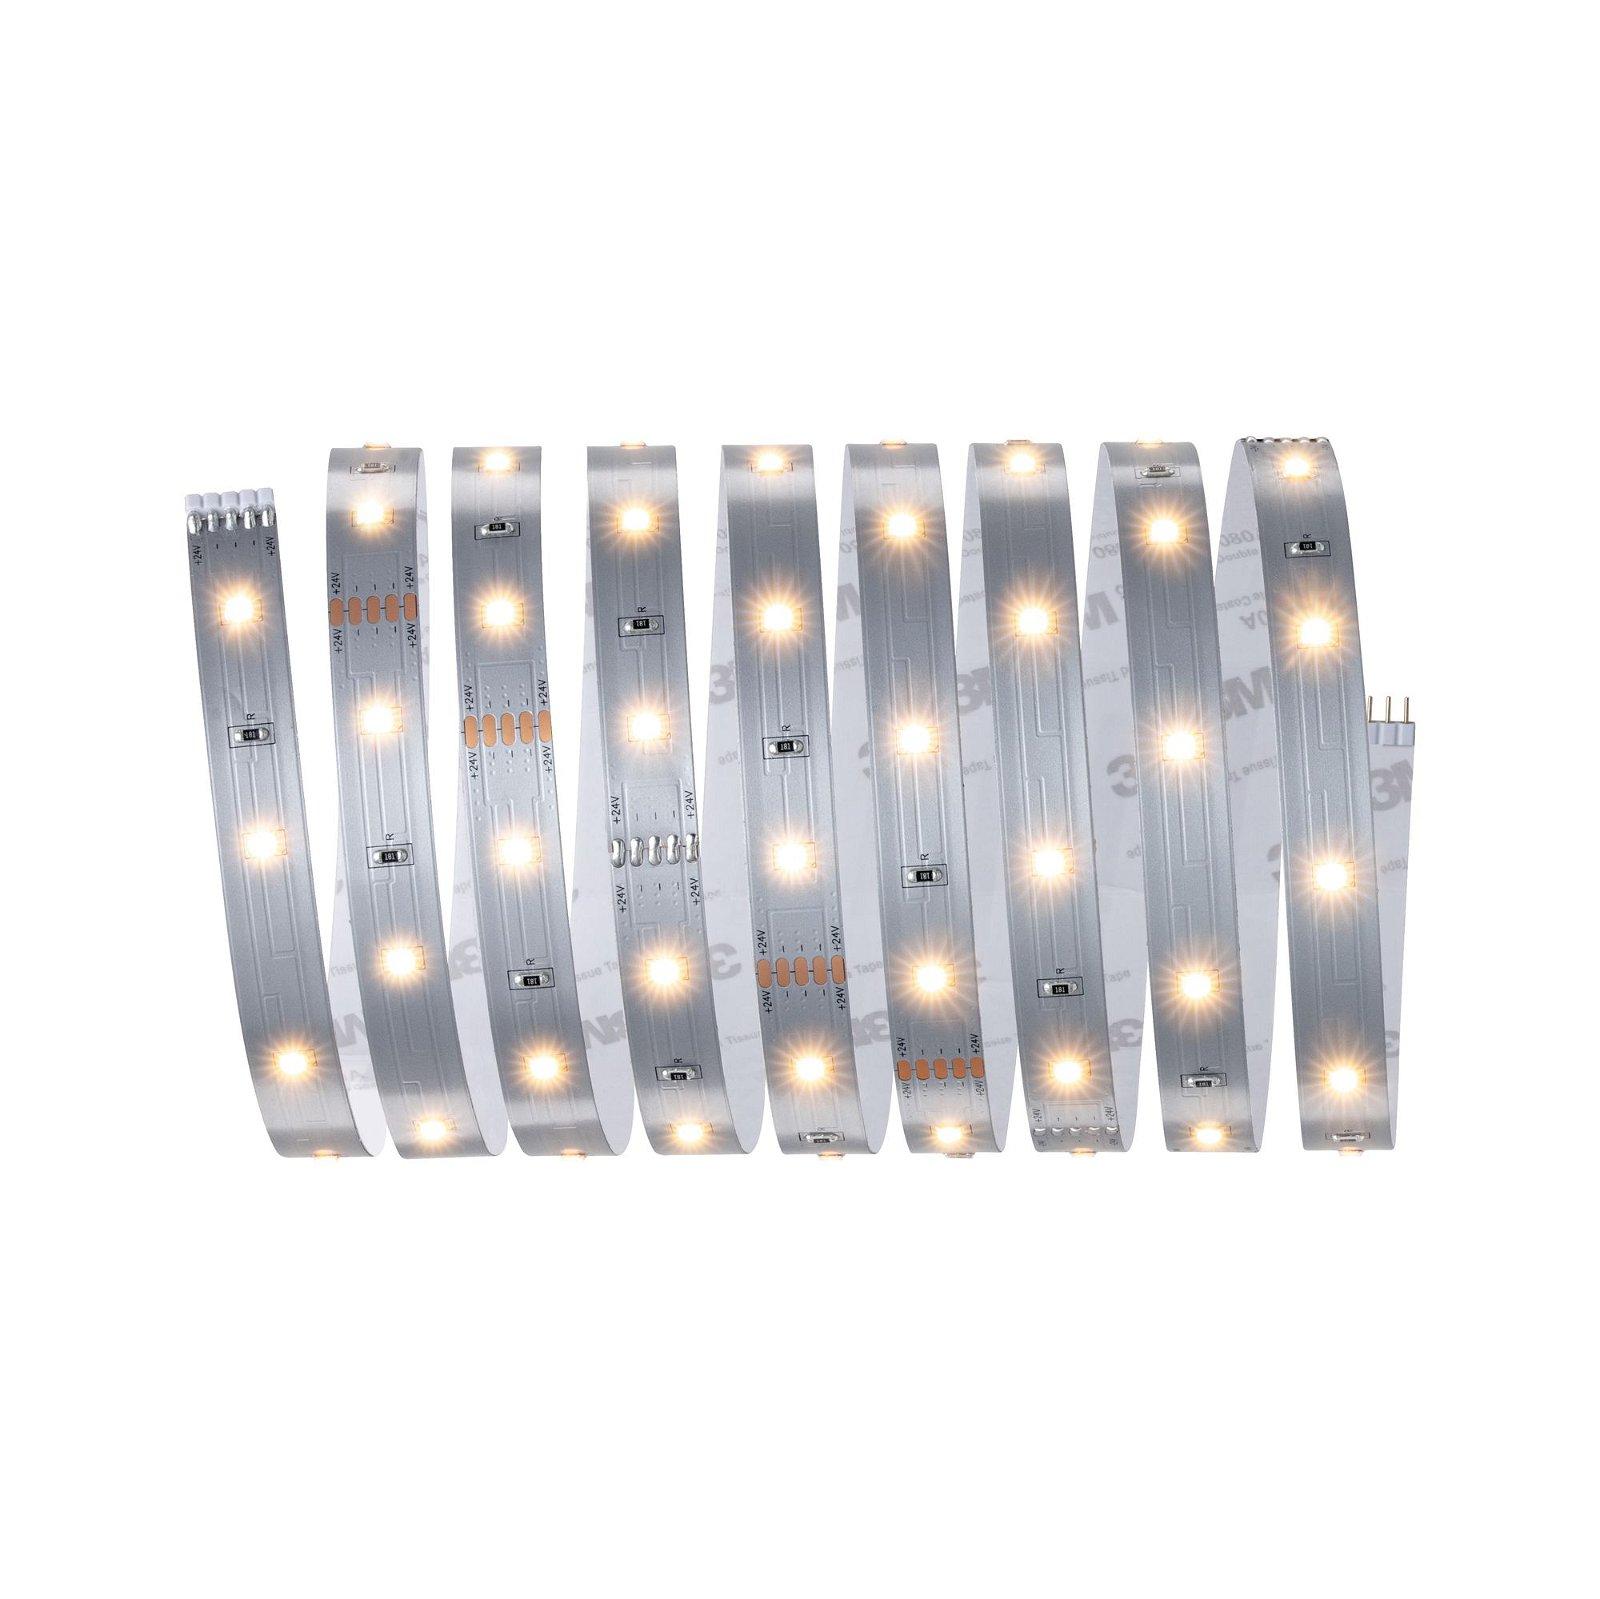 MaxLED 250 LED Strip Warm wit 2,5m 10W 750lm 2700K